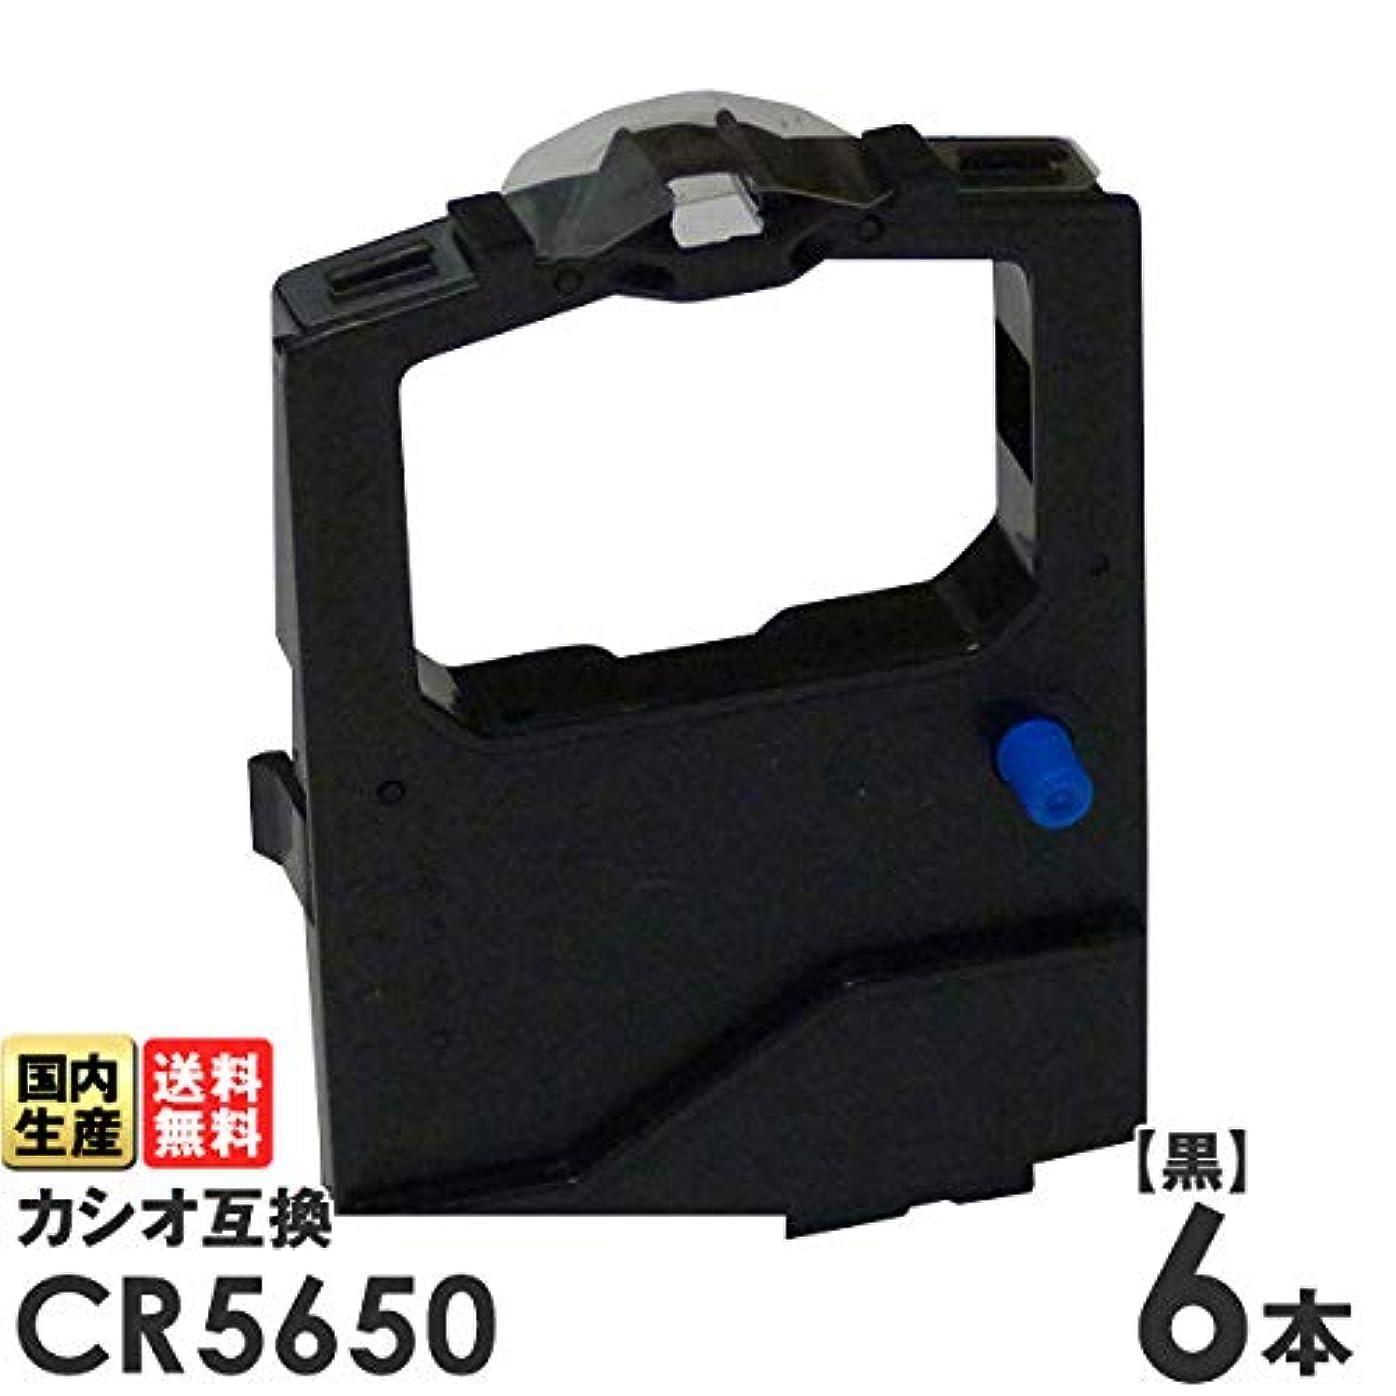 不適ハム真剣にカシオ エコッテ 汎用 インクリボン CR5650 黒 6個 日本製